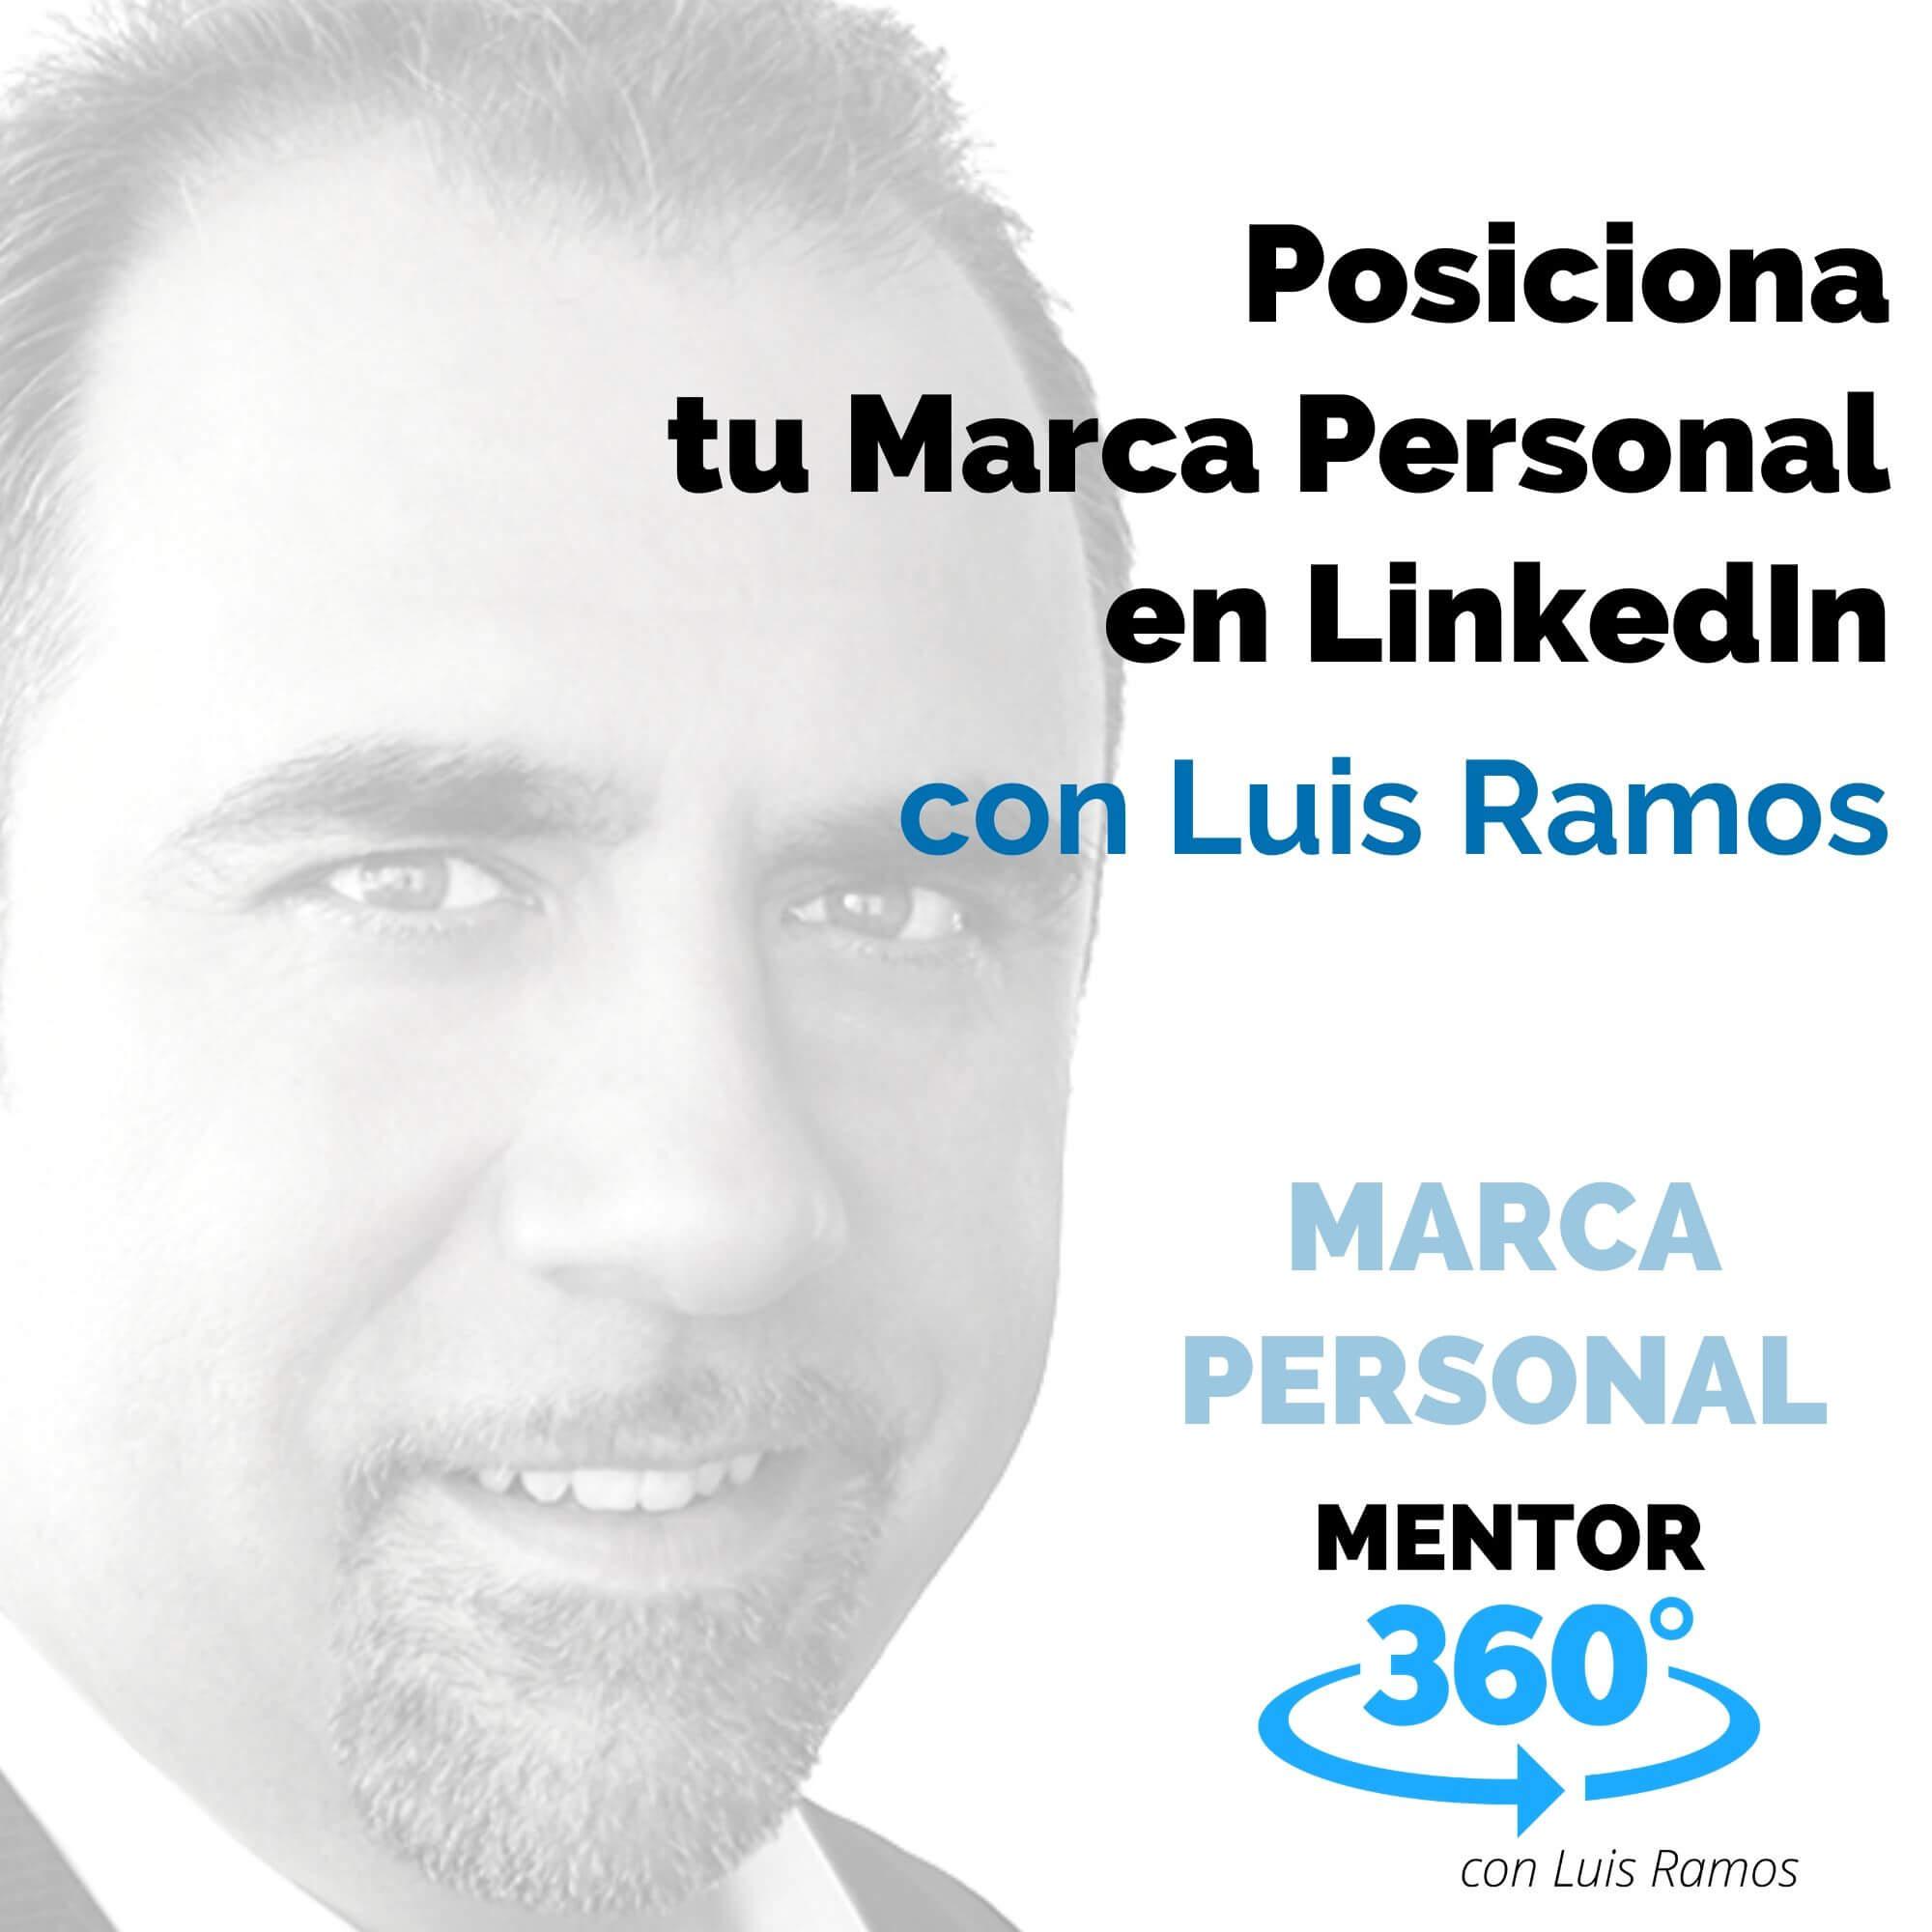 Posiciona tu Marca Personal en LinkedIn, con Luis Ramos - MARCA PERSONAL